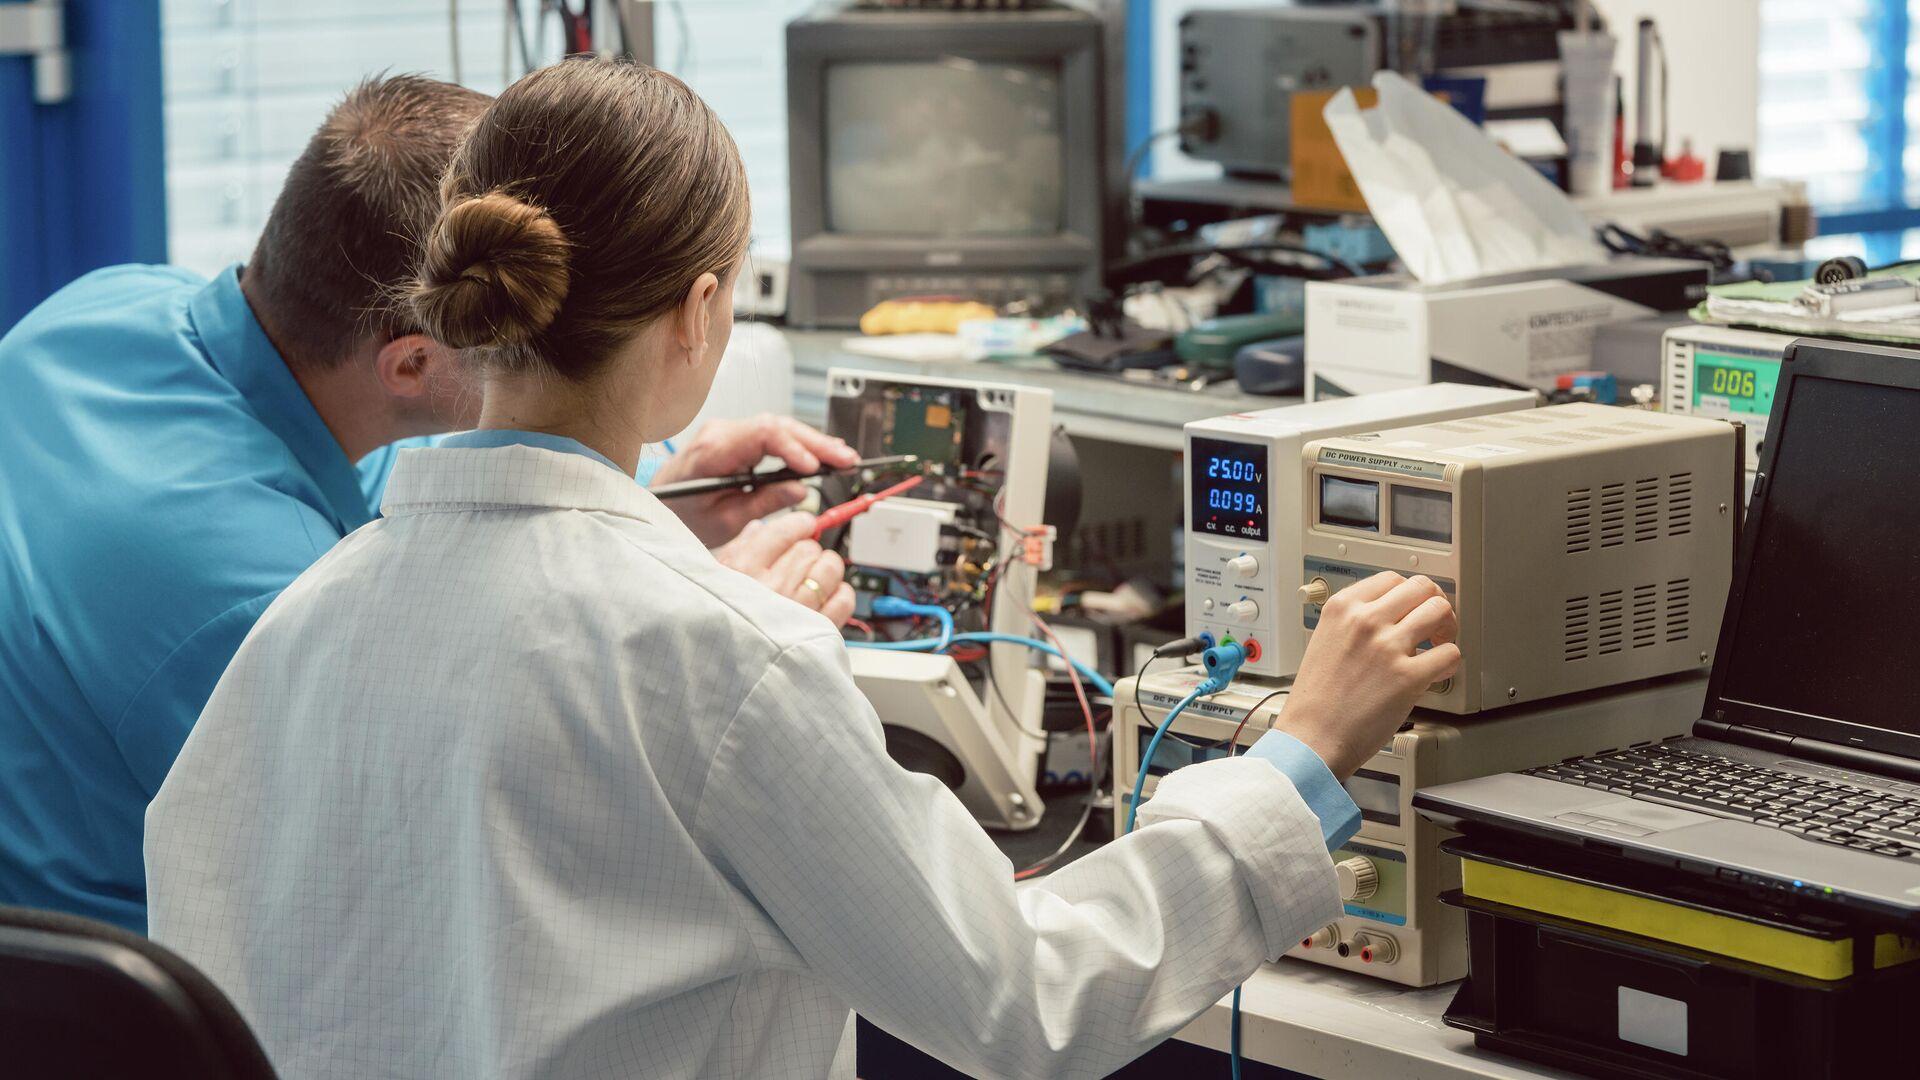 Инженеры в лаборатории - РИА Новости, 1920, 31.08.2021